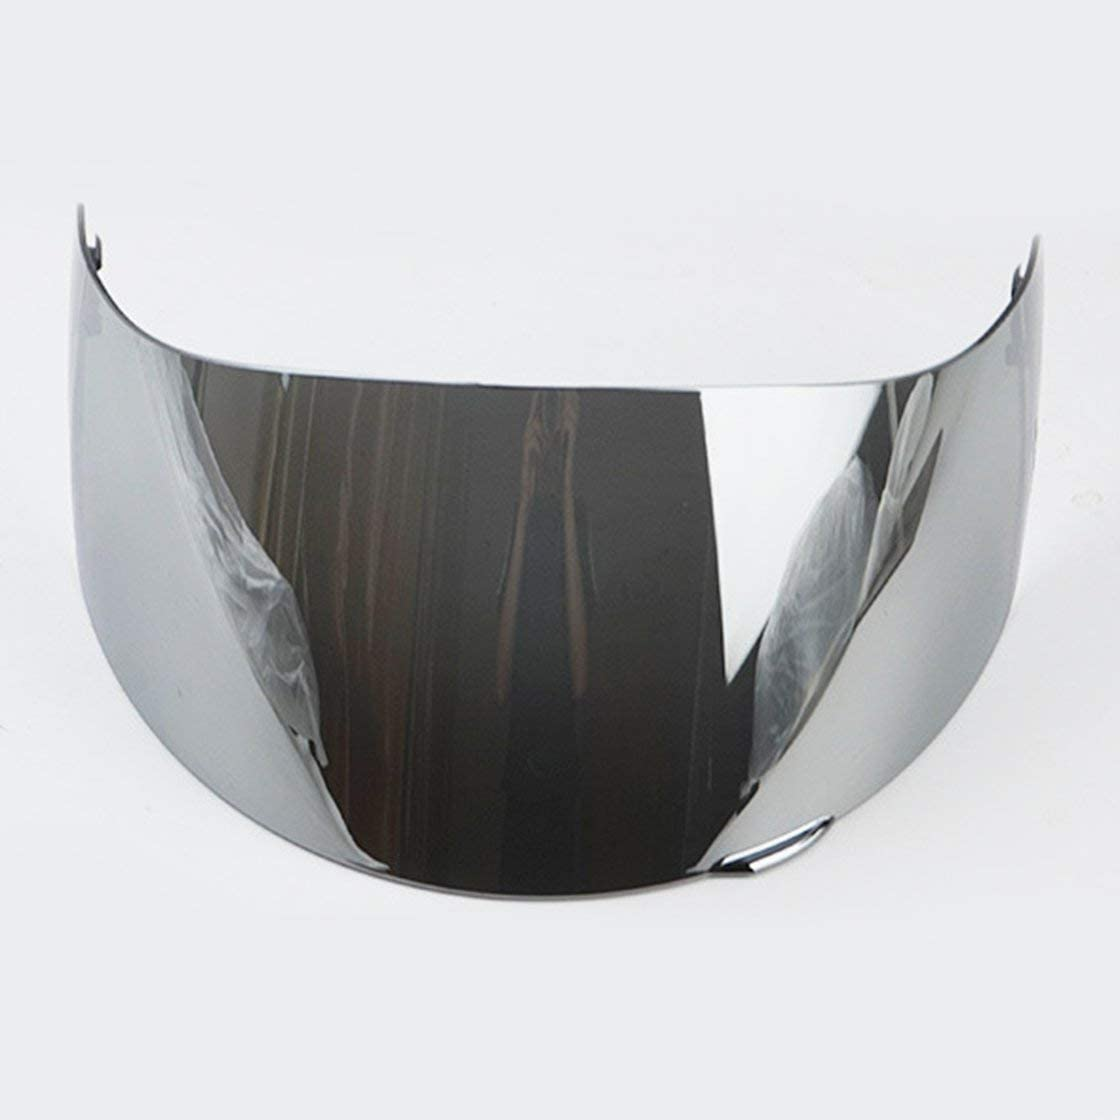 Heaviesk Lente di ricambio per casco per casco integrale per visiera del casco Visiera compatibile per casco 902 AGV K3 SV K5 K1